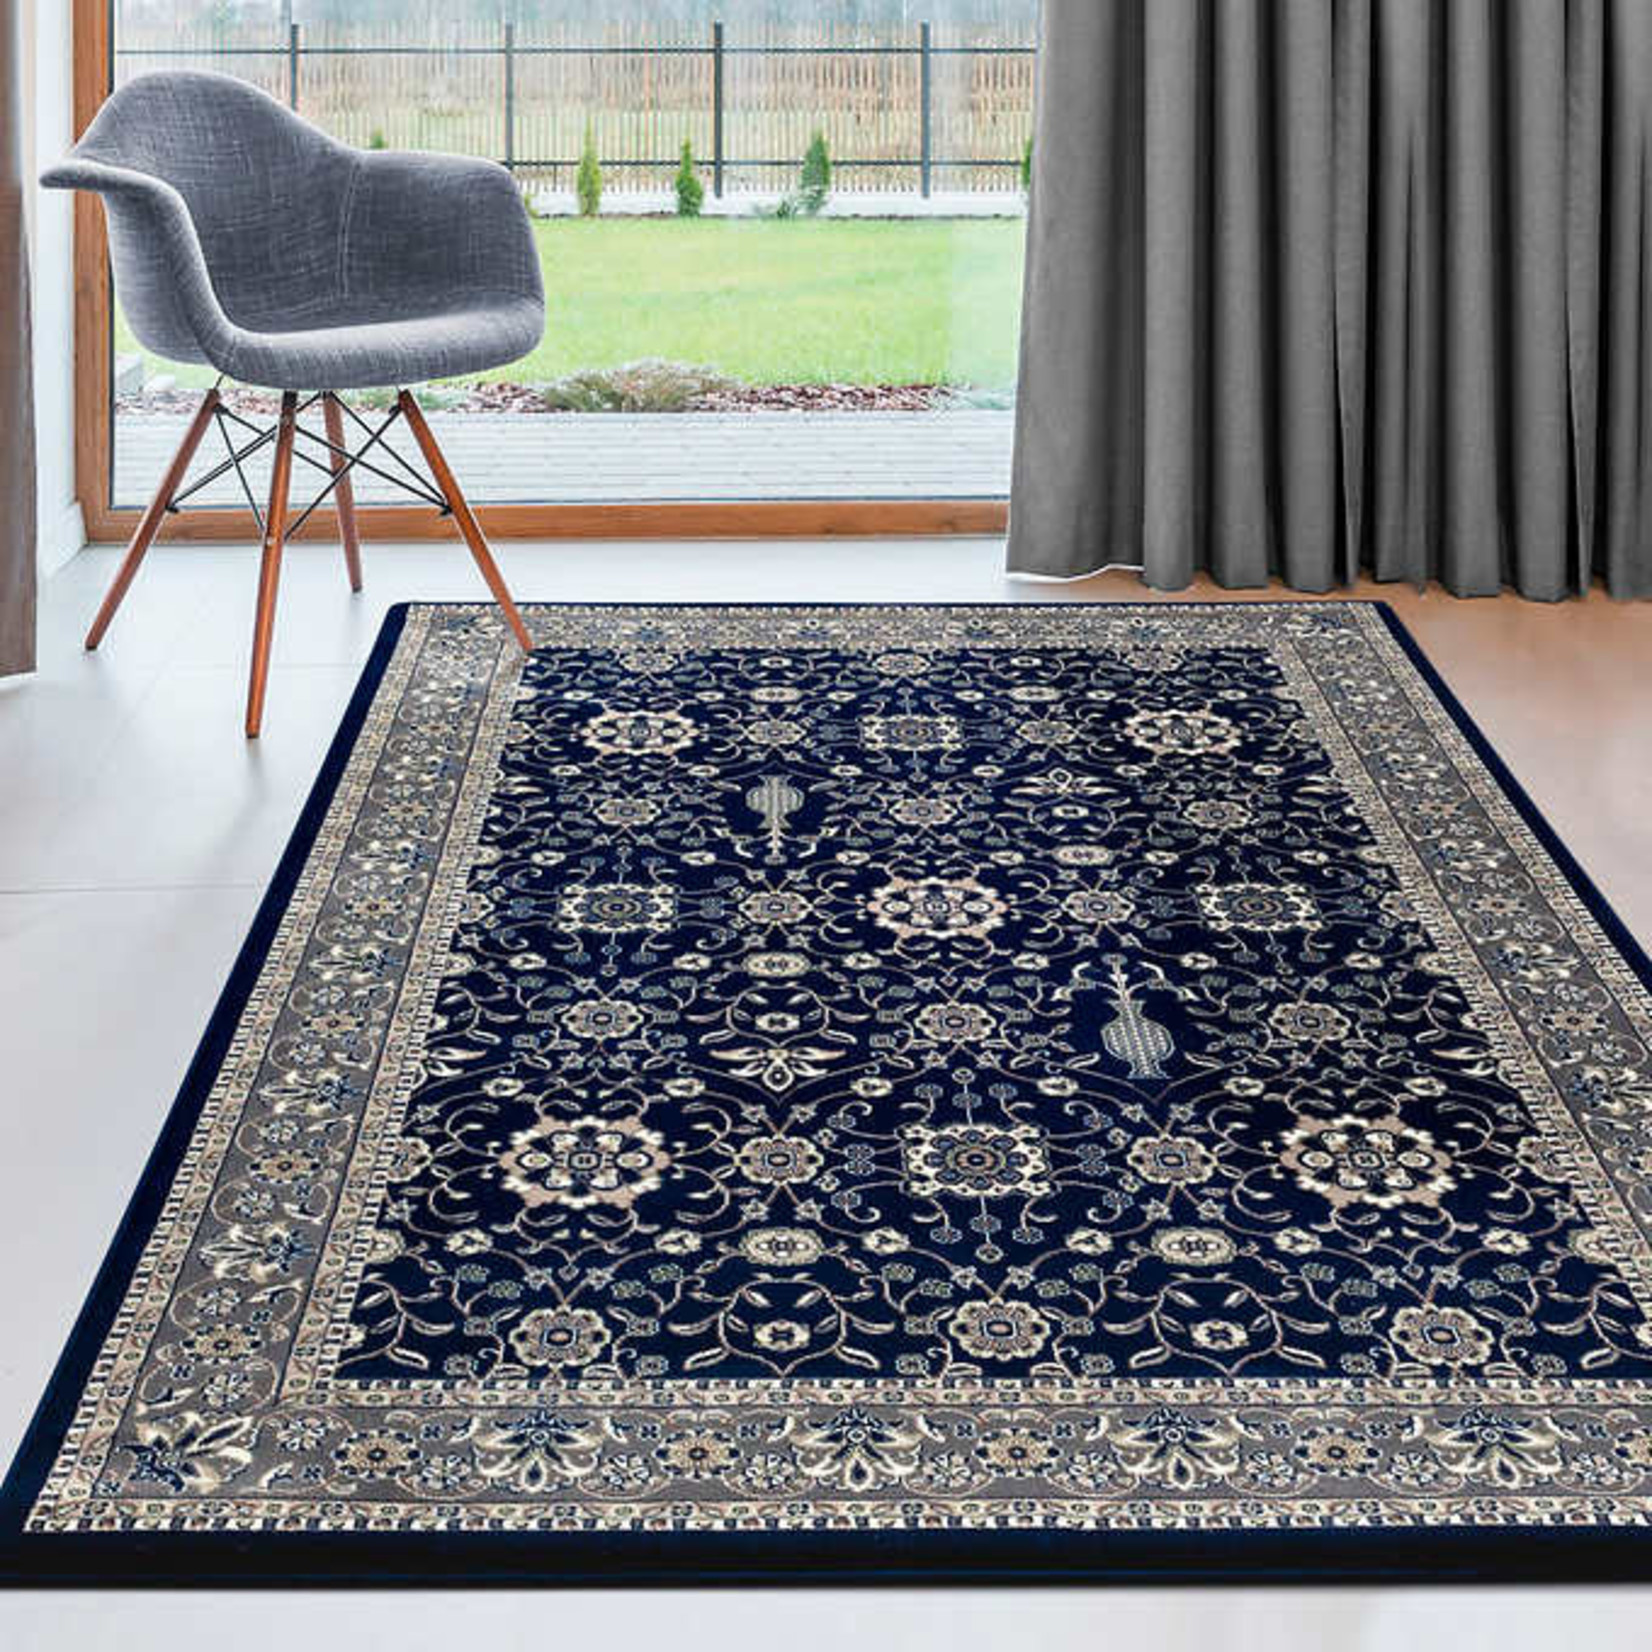 Art Carpet Kensington Blue Indoor Rug 6ft 7in x 9ft 7in